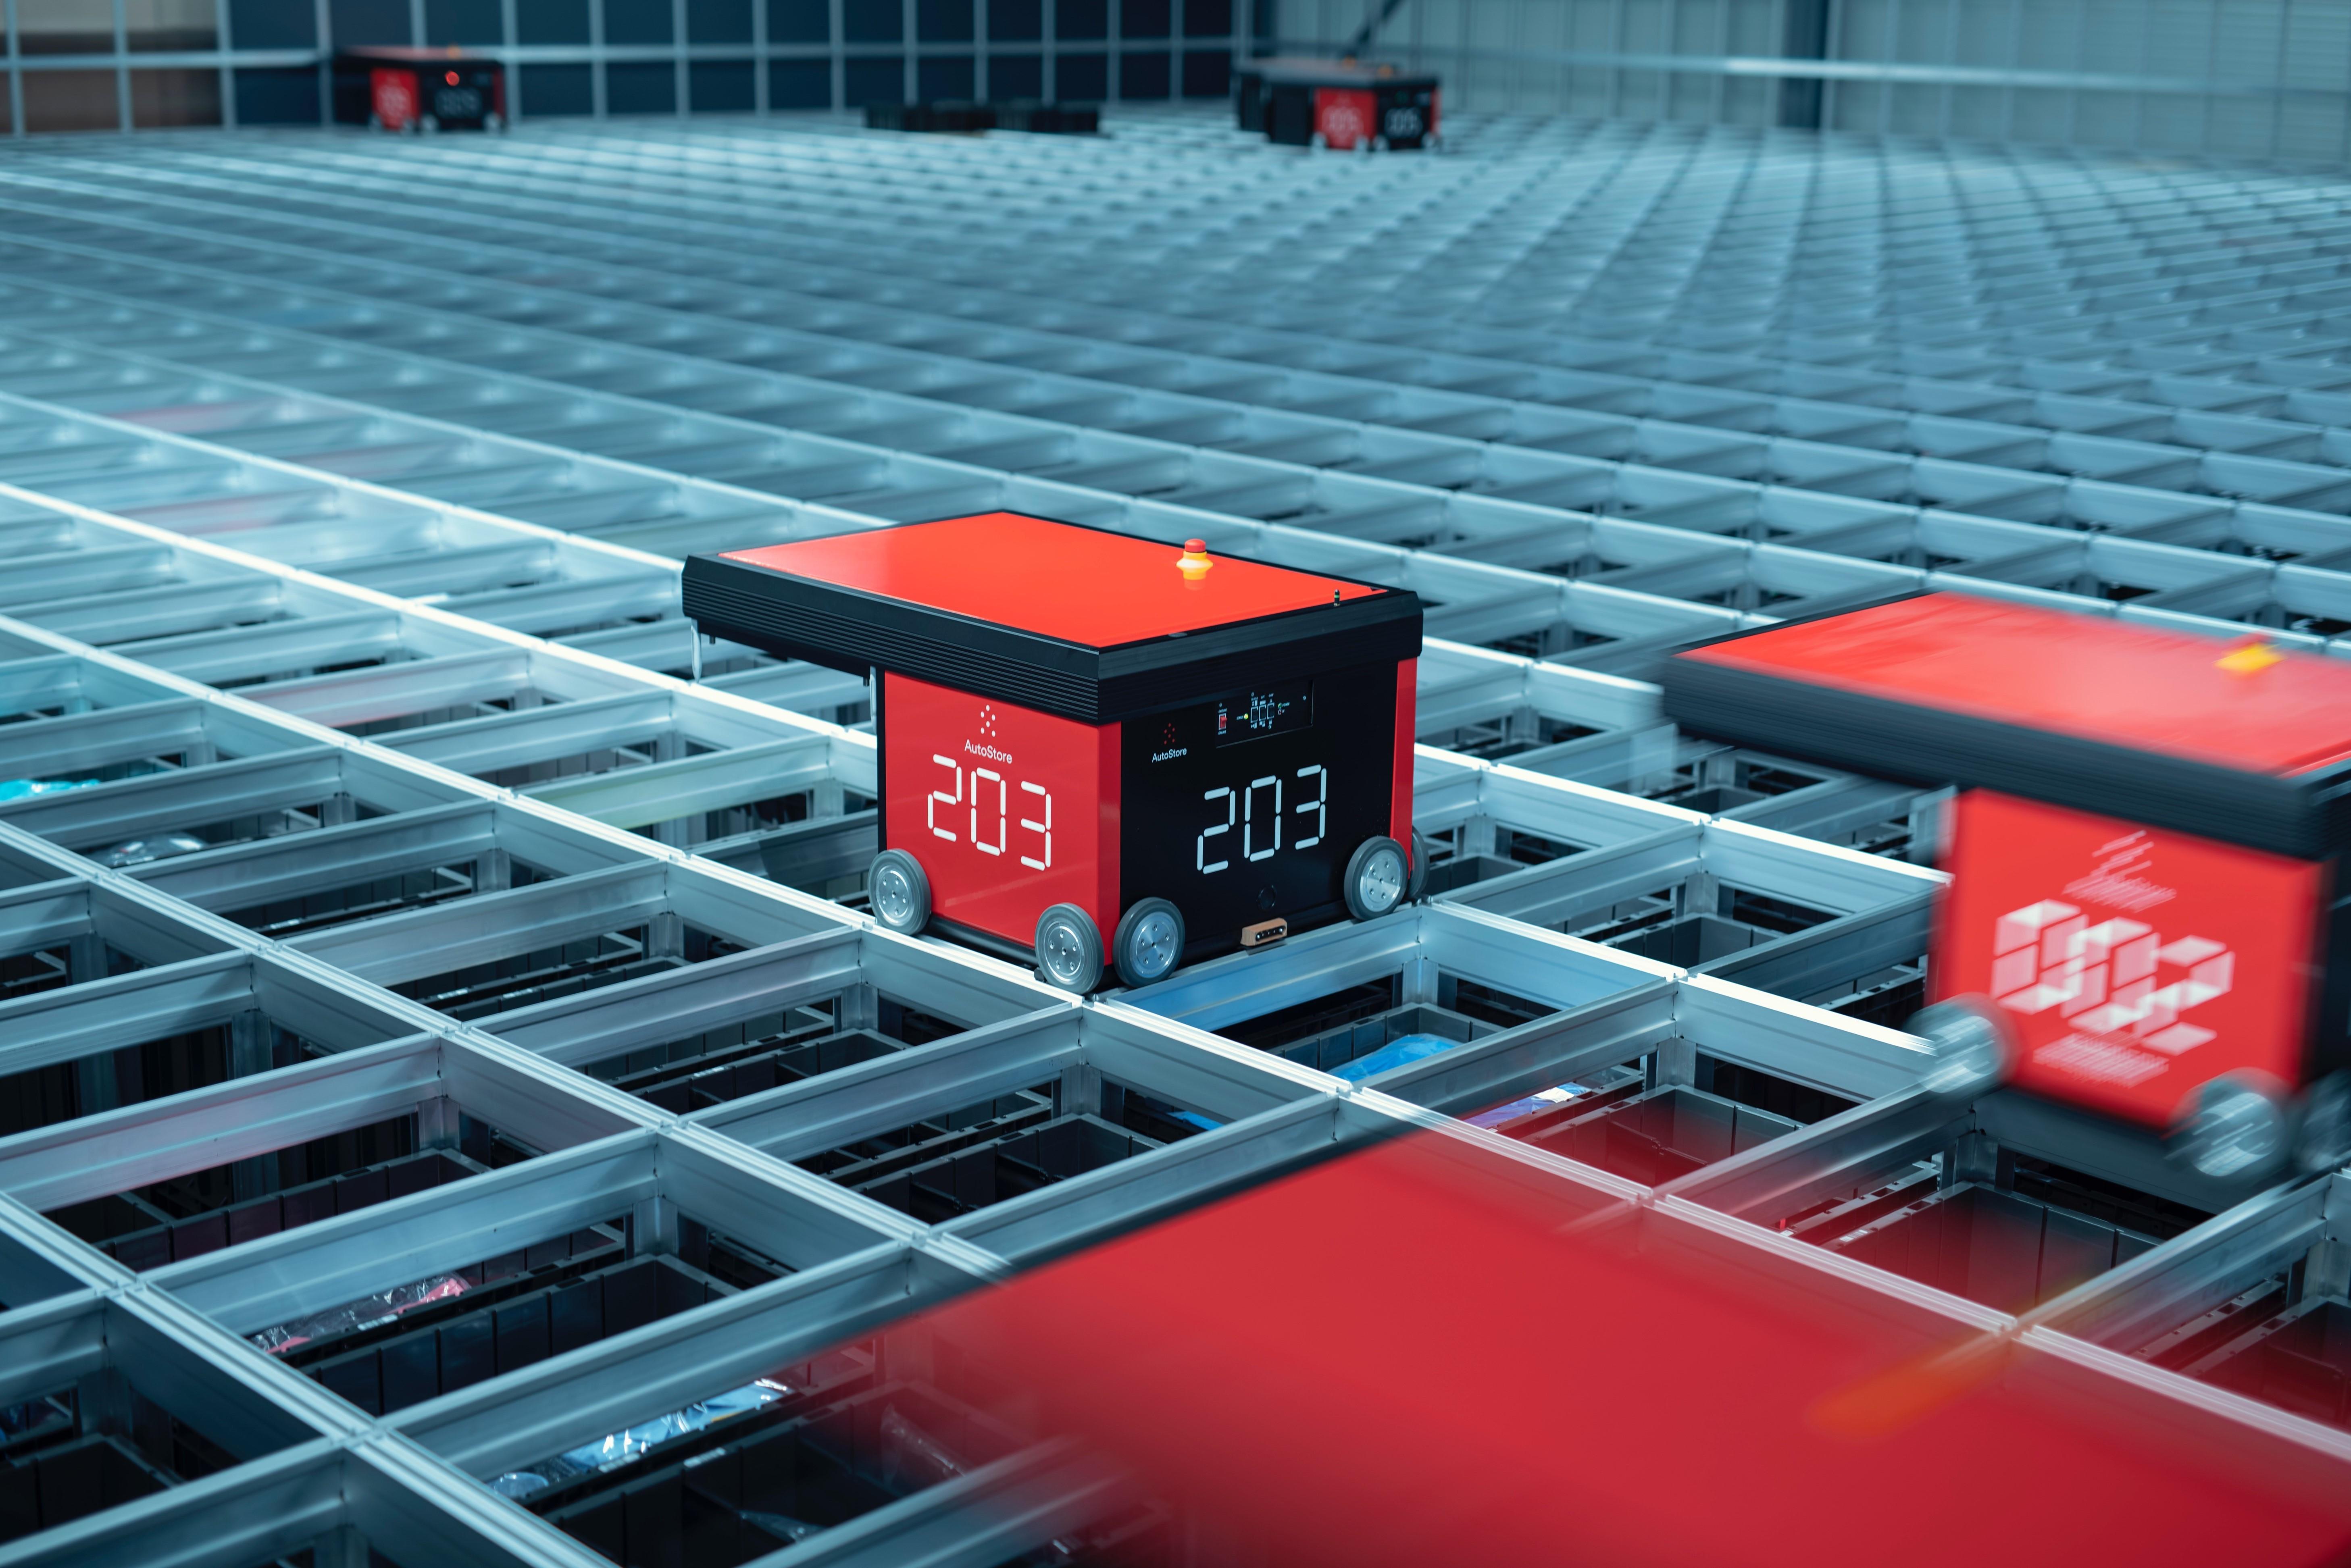 Autostore Announces Newest Distribution Partner Fortna Inc Business Wire